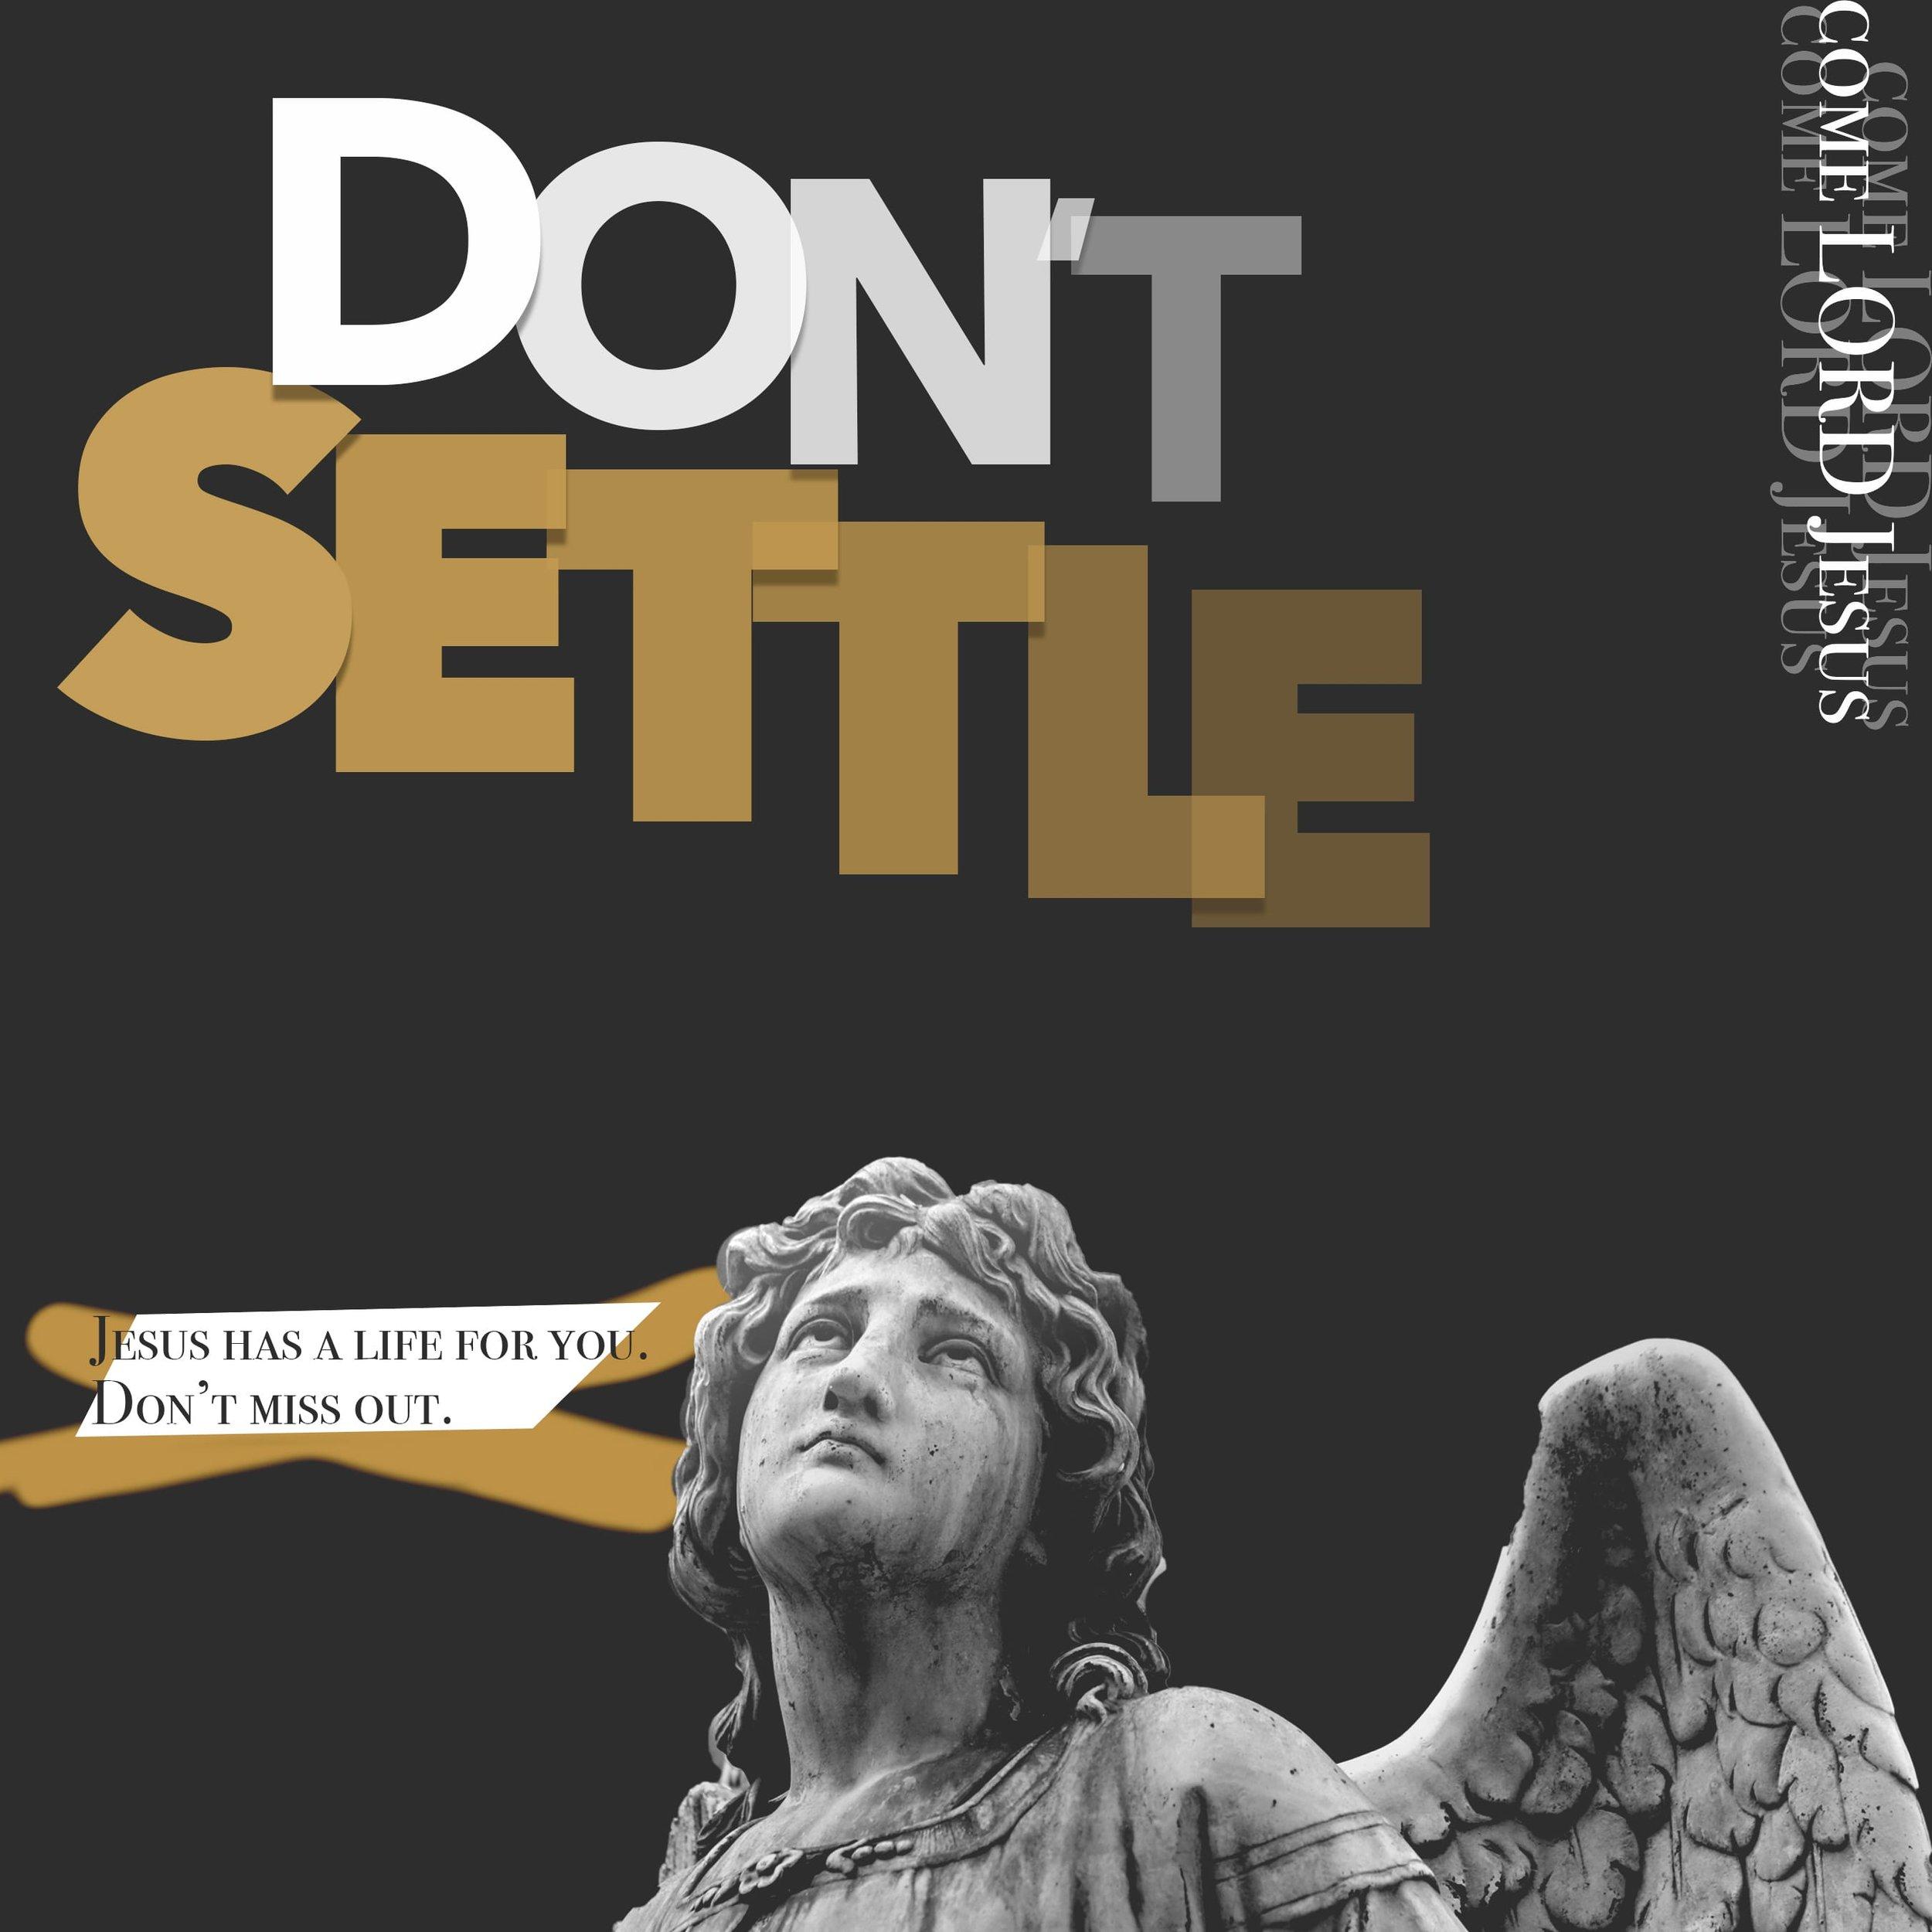 Don't Settle - Square.JPG